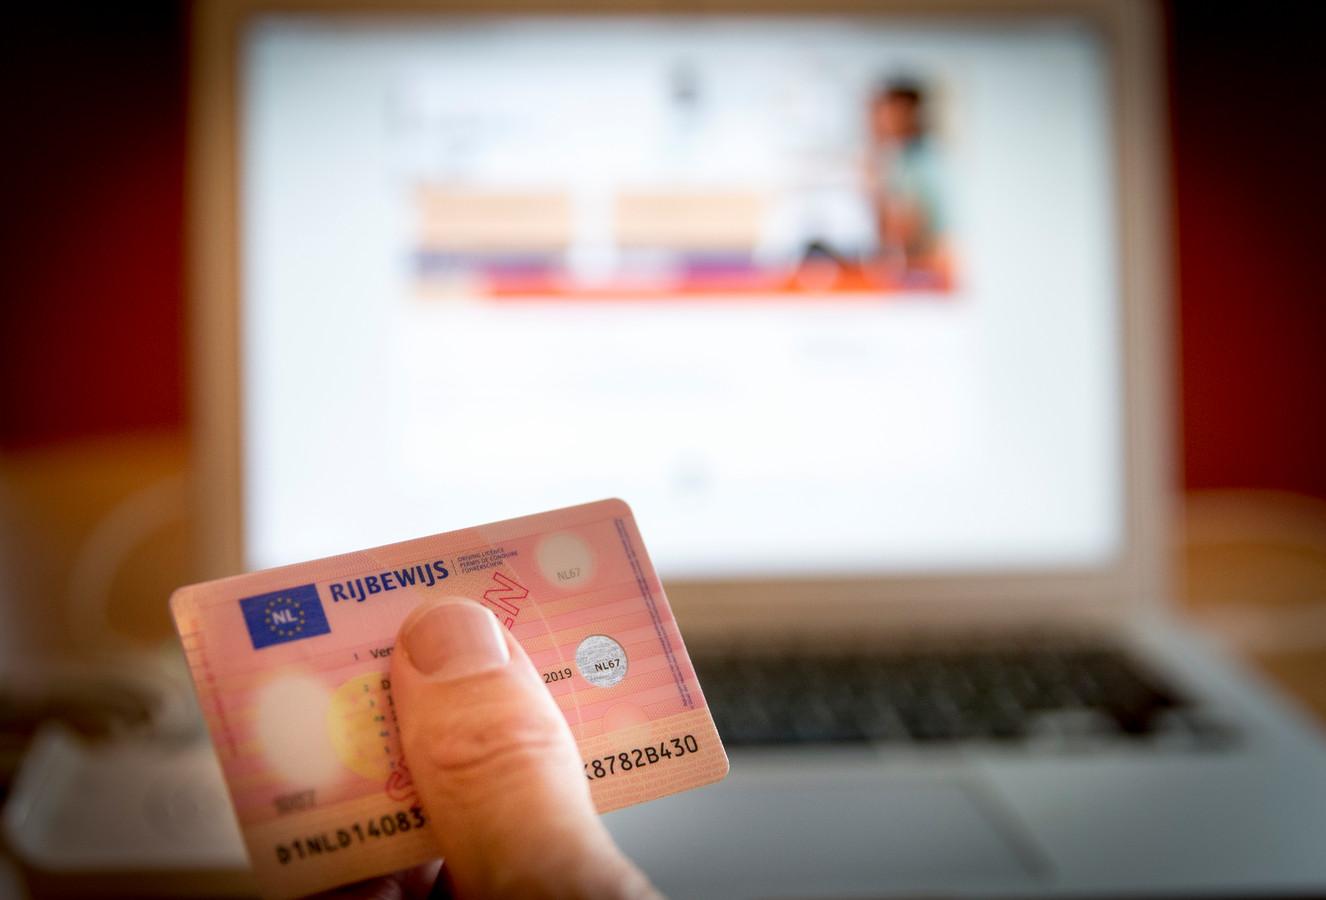 2016-09-26 11:36:58 DEN HAAG - Inloggen via een rijbewijs in combinatie met kaartlezer tijdens de toelichting en demonstratie van nieuwe elektronische identificatiemethoden van de overheid, de Impuls eID, op het Ministerie van Binnenlandse Zaken. Het eID Stelsel moet de standaard worden voor inloggen bij onlinedienstverlening en moet helpen tegen cybercrime en identiteitsfraude, omdat beter kan worden vastgesteld of iemand ook echt is wie hij zegt te zijn. ANP JERRY LAMPEN